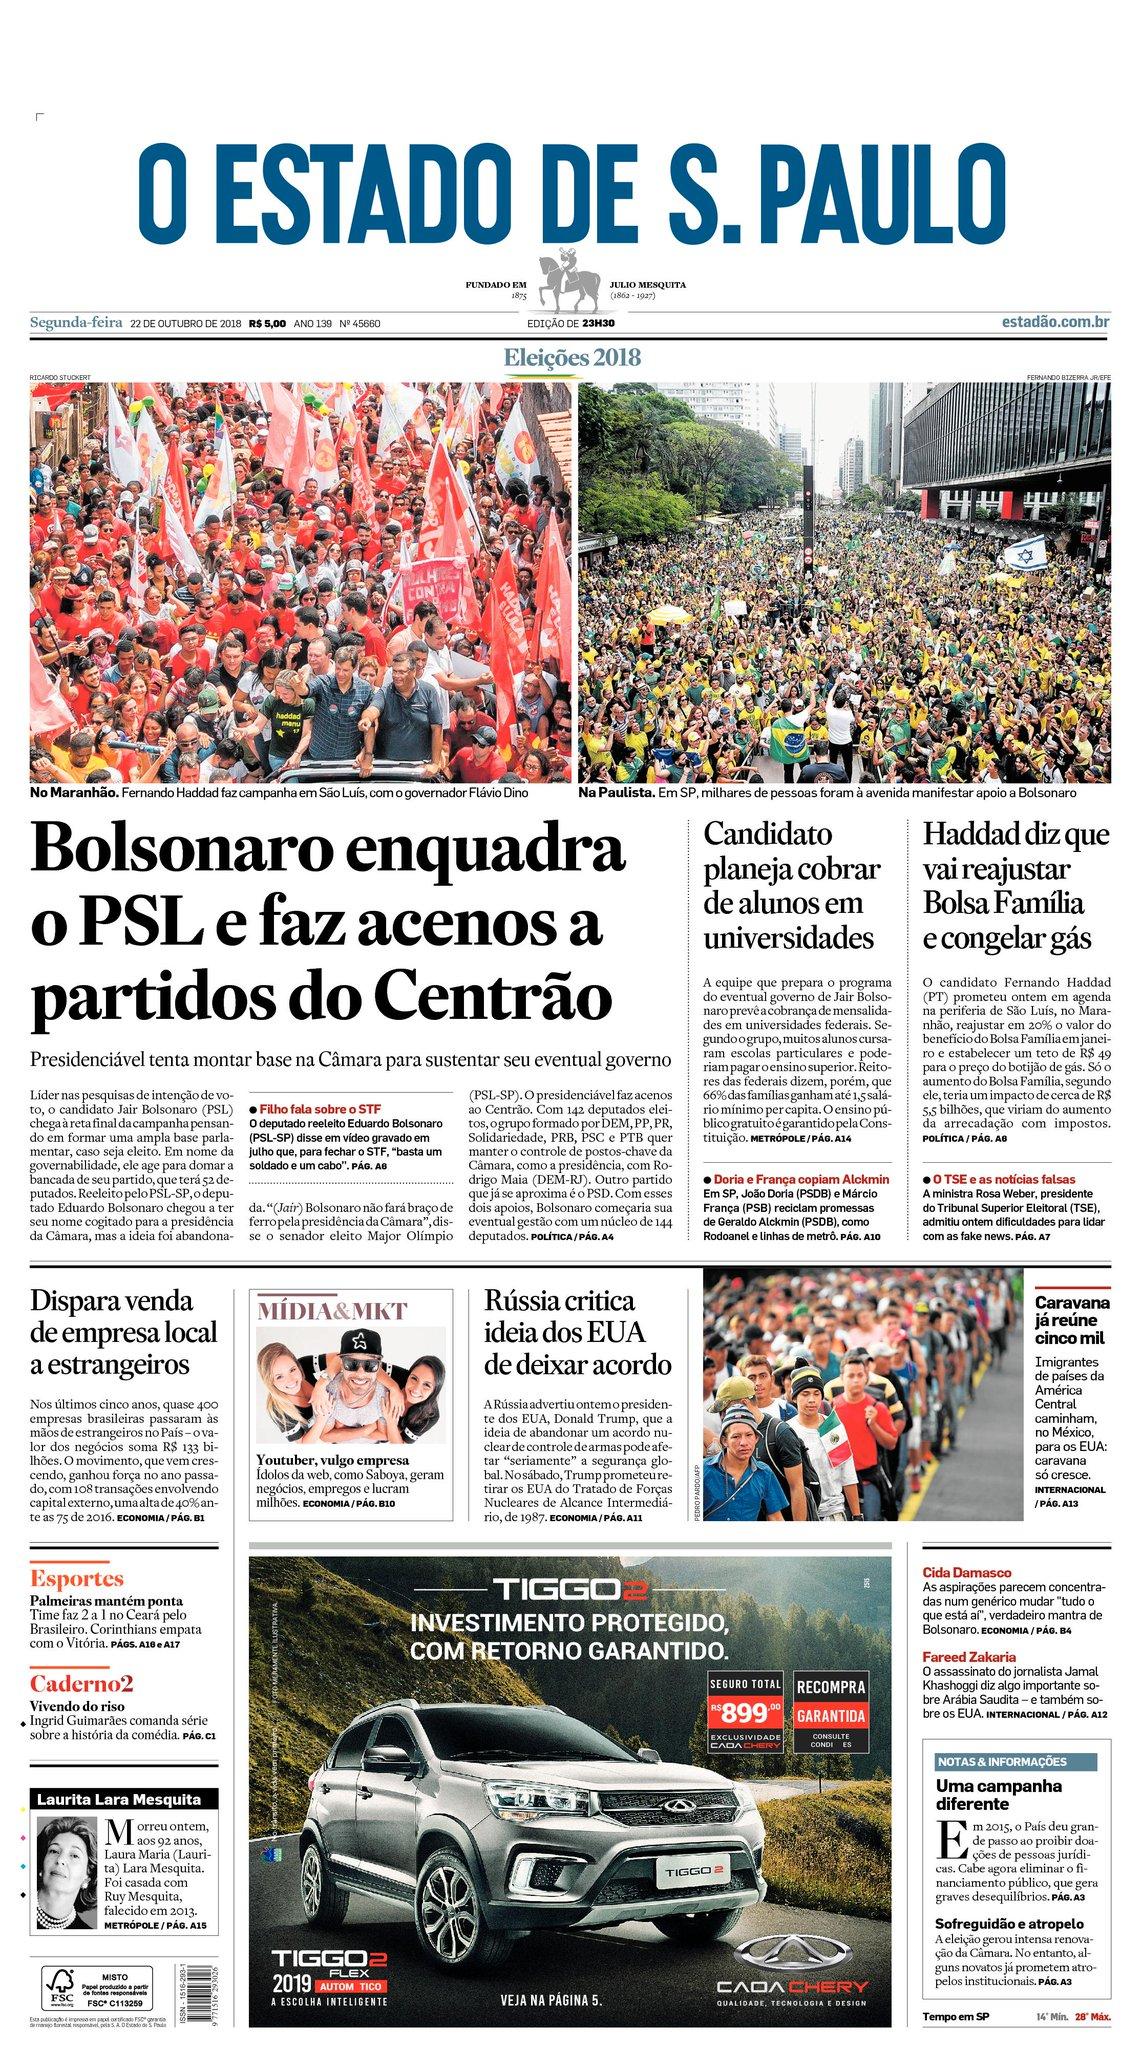 CAPA: Bolsonaro enquadra o PSL e faz acenos a partidos do Centrão https://t.co/d9HeX0h6Dz https://t.co/Q3Ox98w2QQ